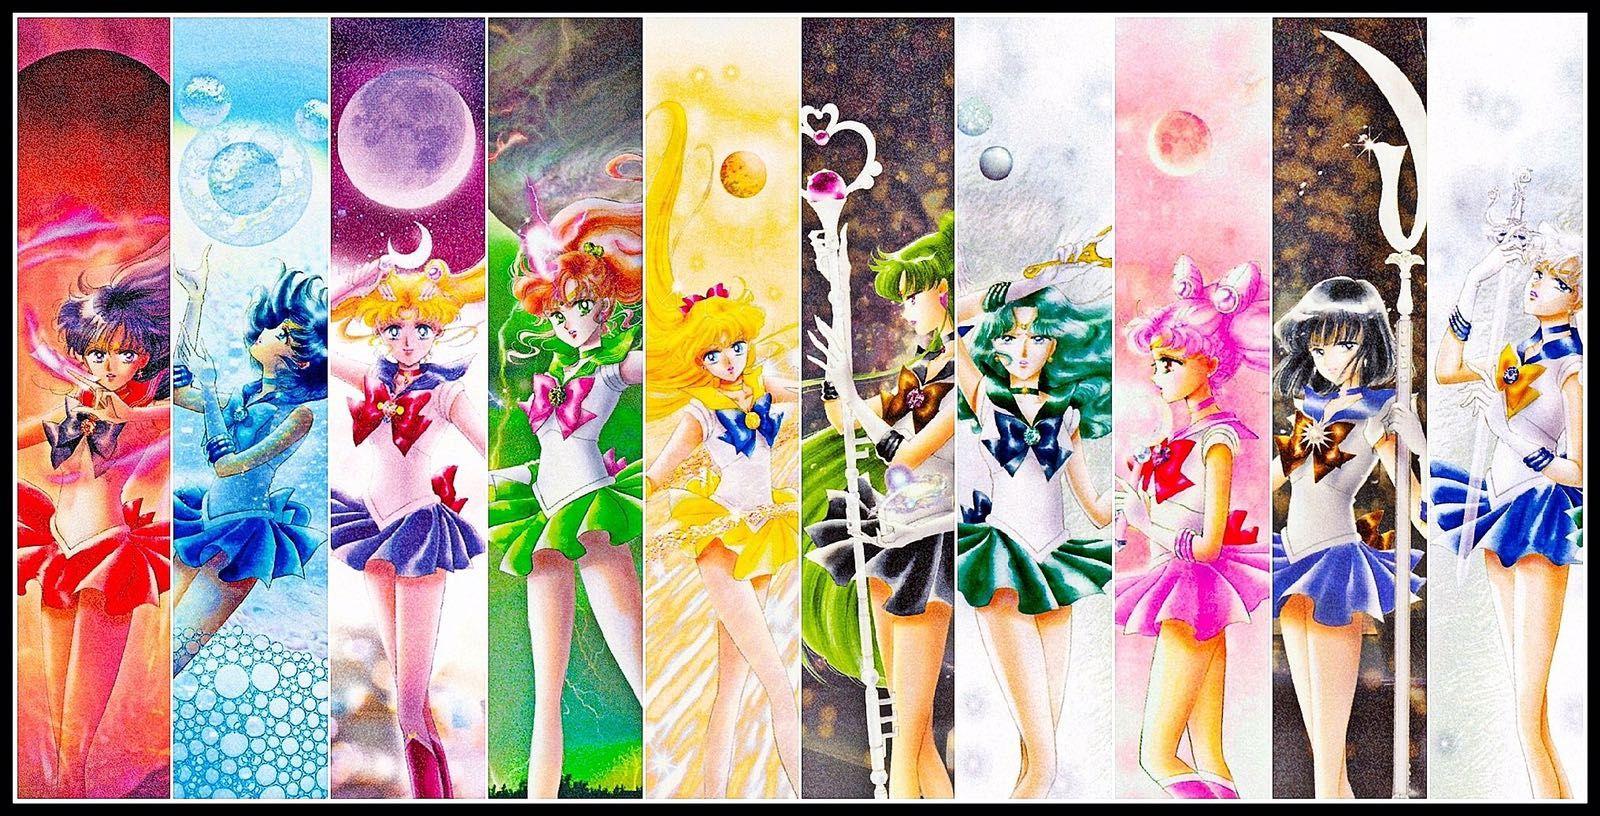 Sailor Moon : Eternal Edition de Naoko Takeuchi – Les Blablas de Tachan